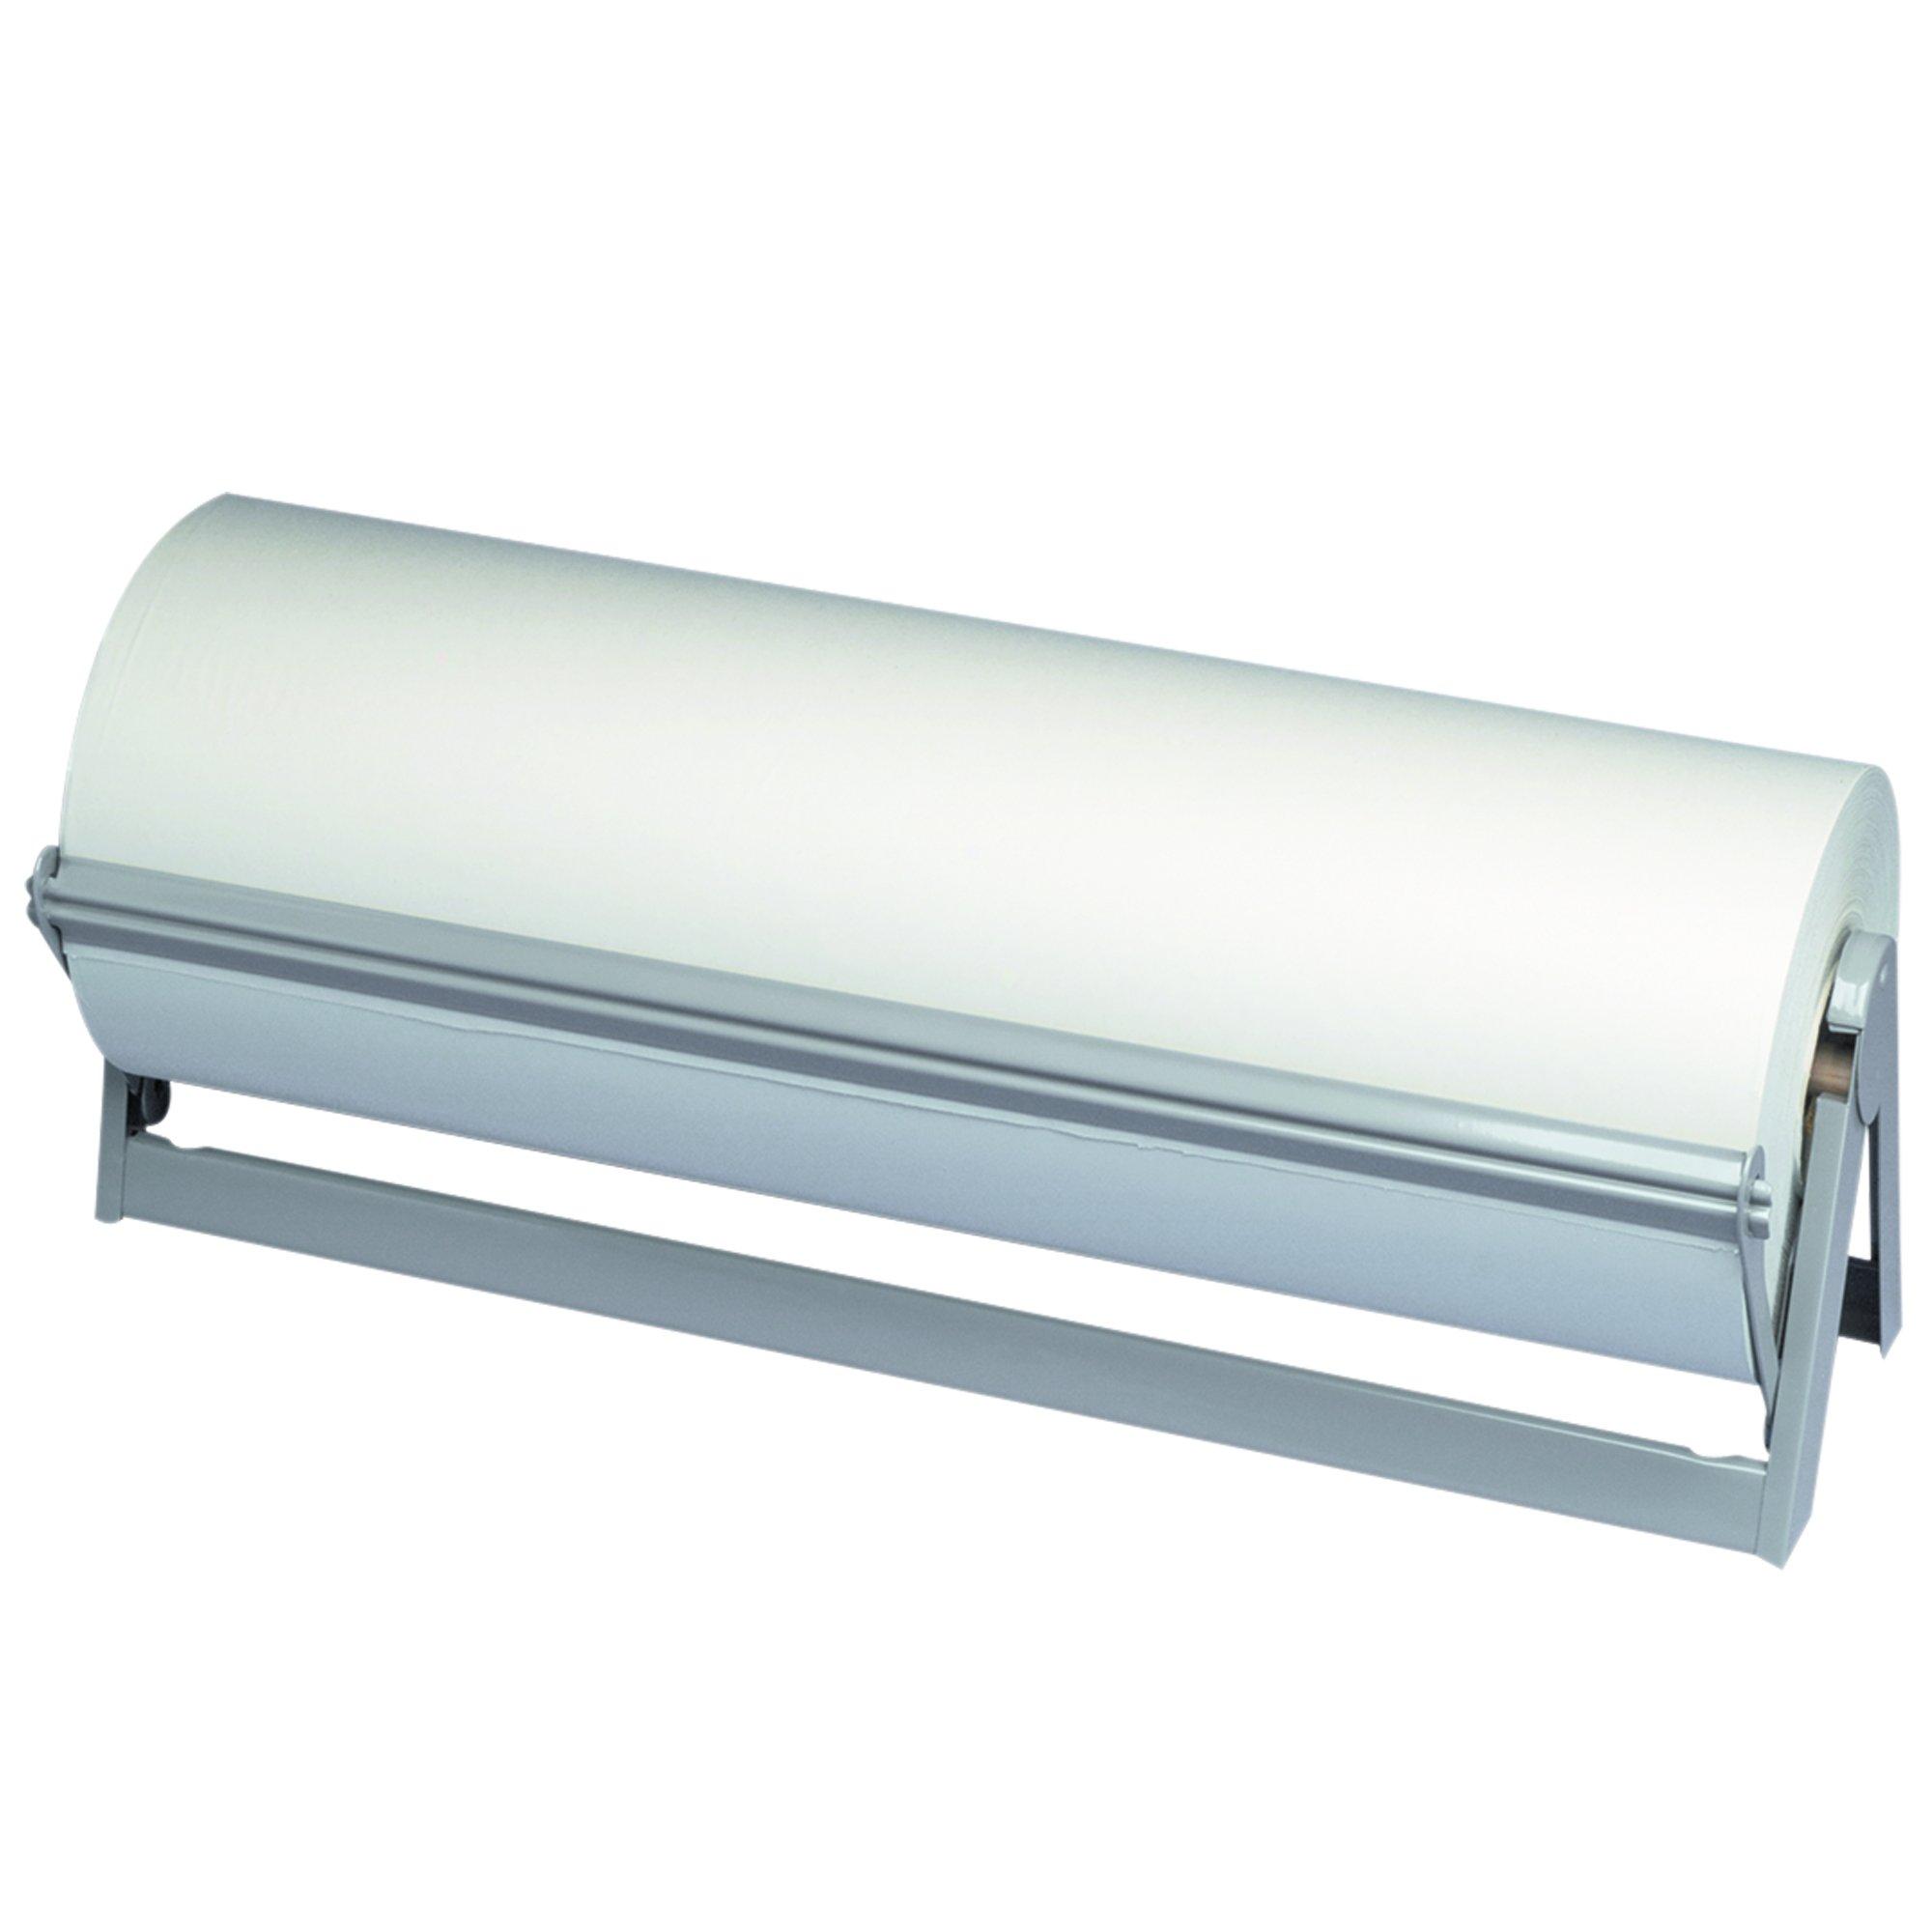 Tape Logic TLNP3690 Newsprint Roll, 30#, 36'' x 1,440', White